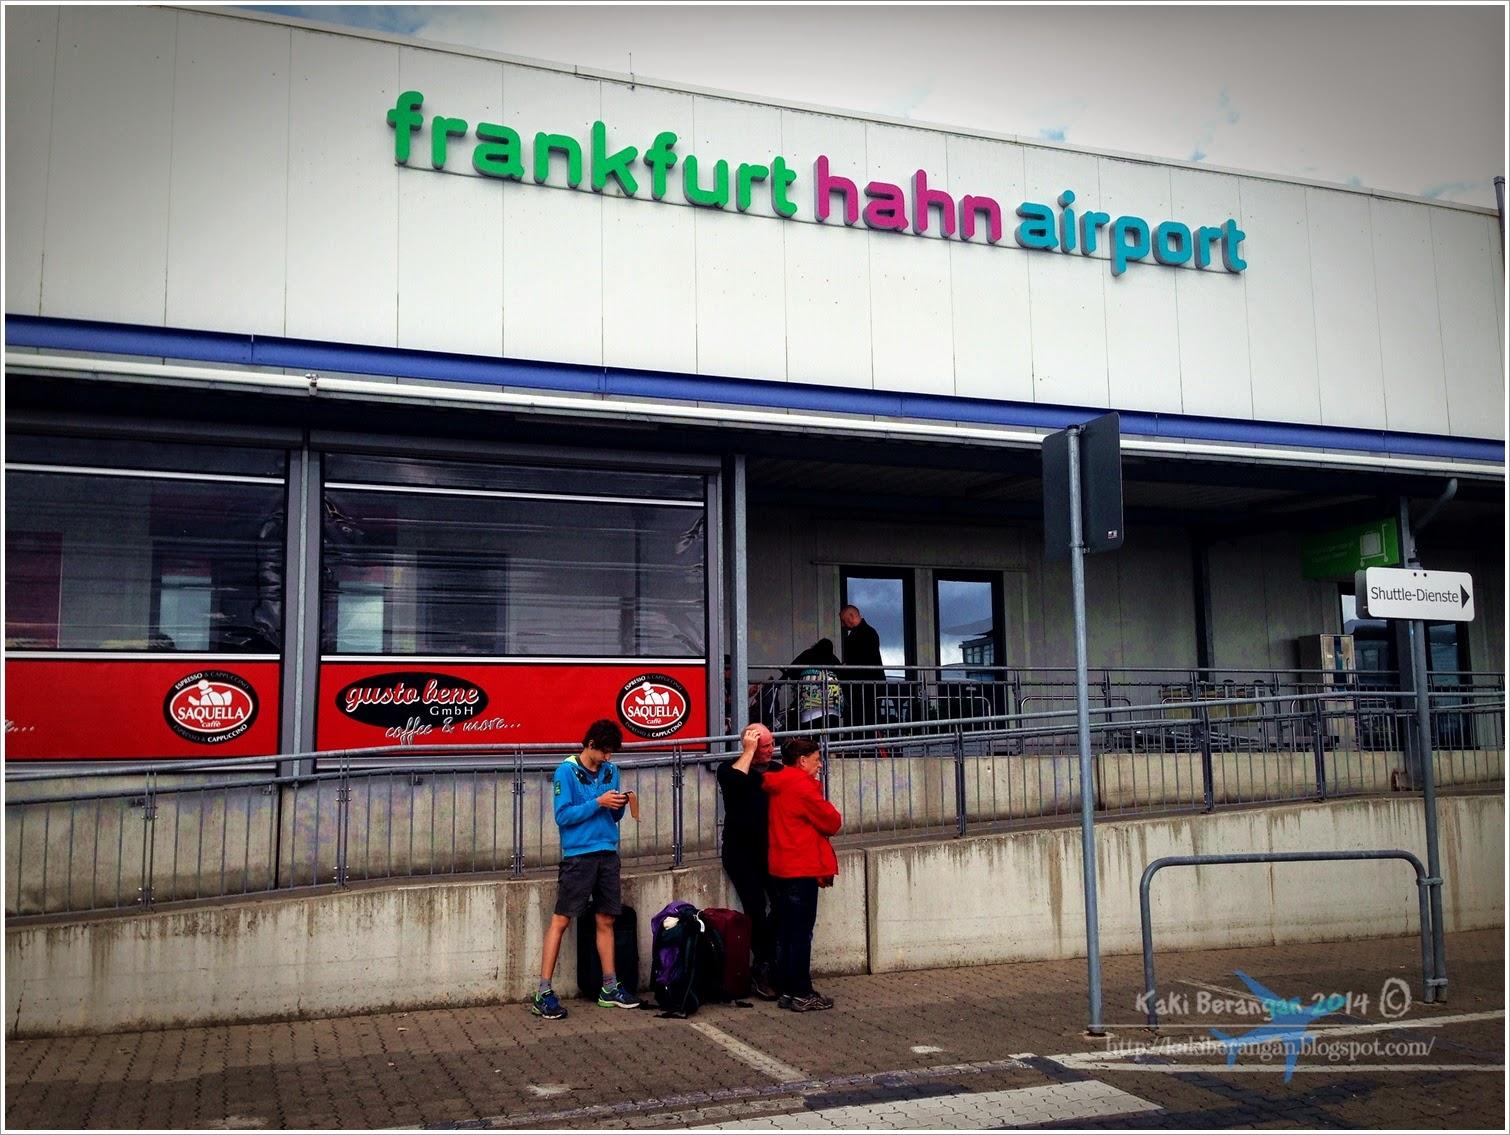 Bhg 1 Seharian di Frankfurt Jerman